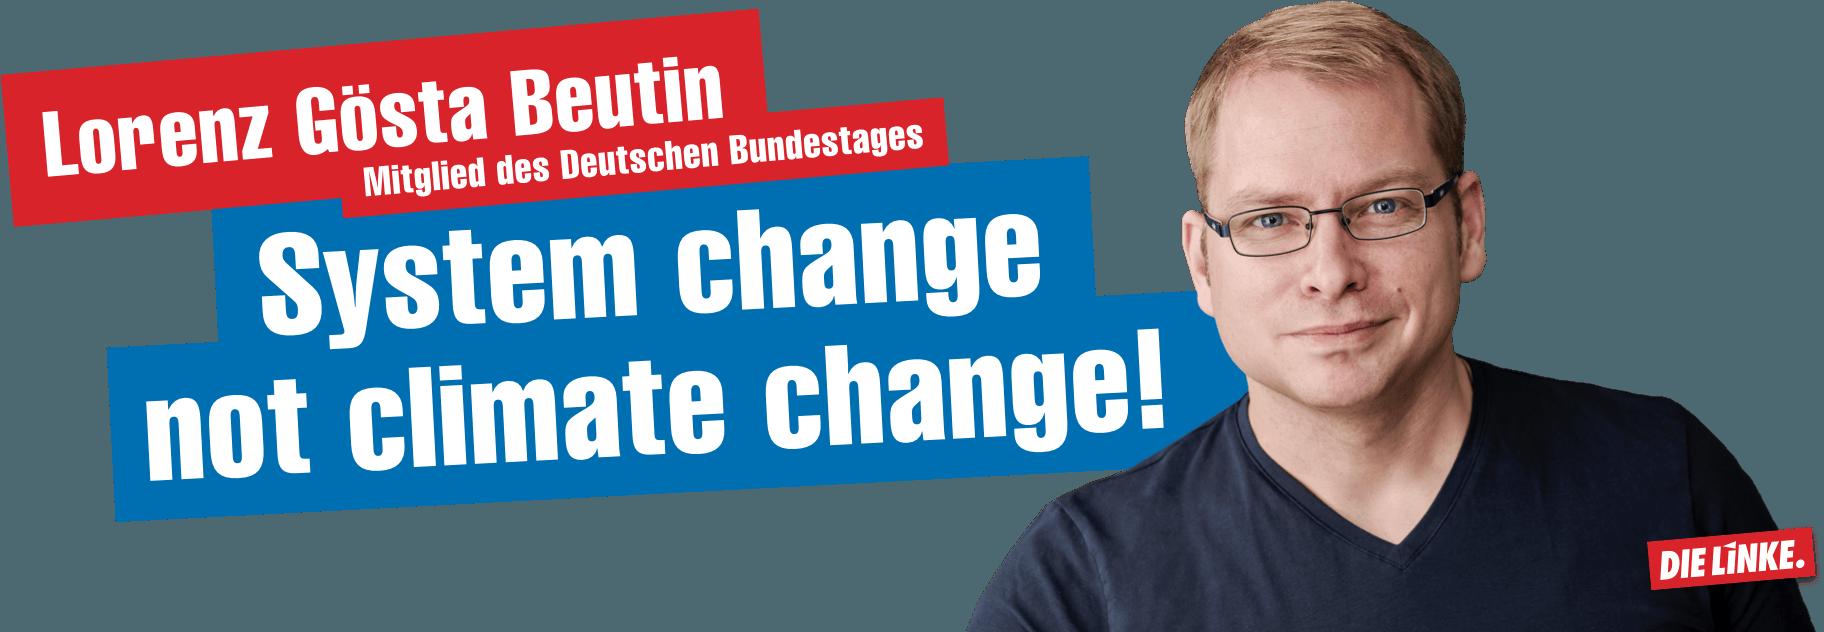 Lorenz Goesta Beutin Mitglied Des Deutschen Bundestages